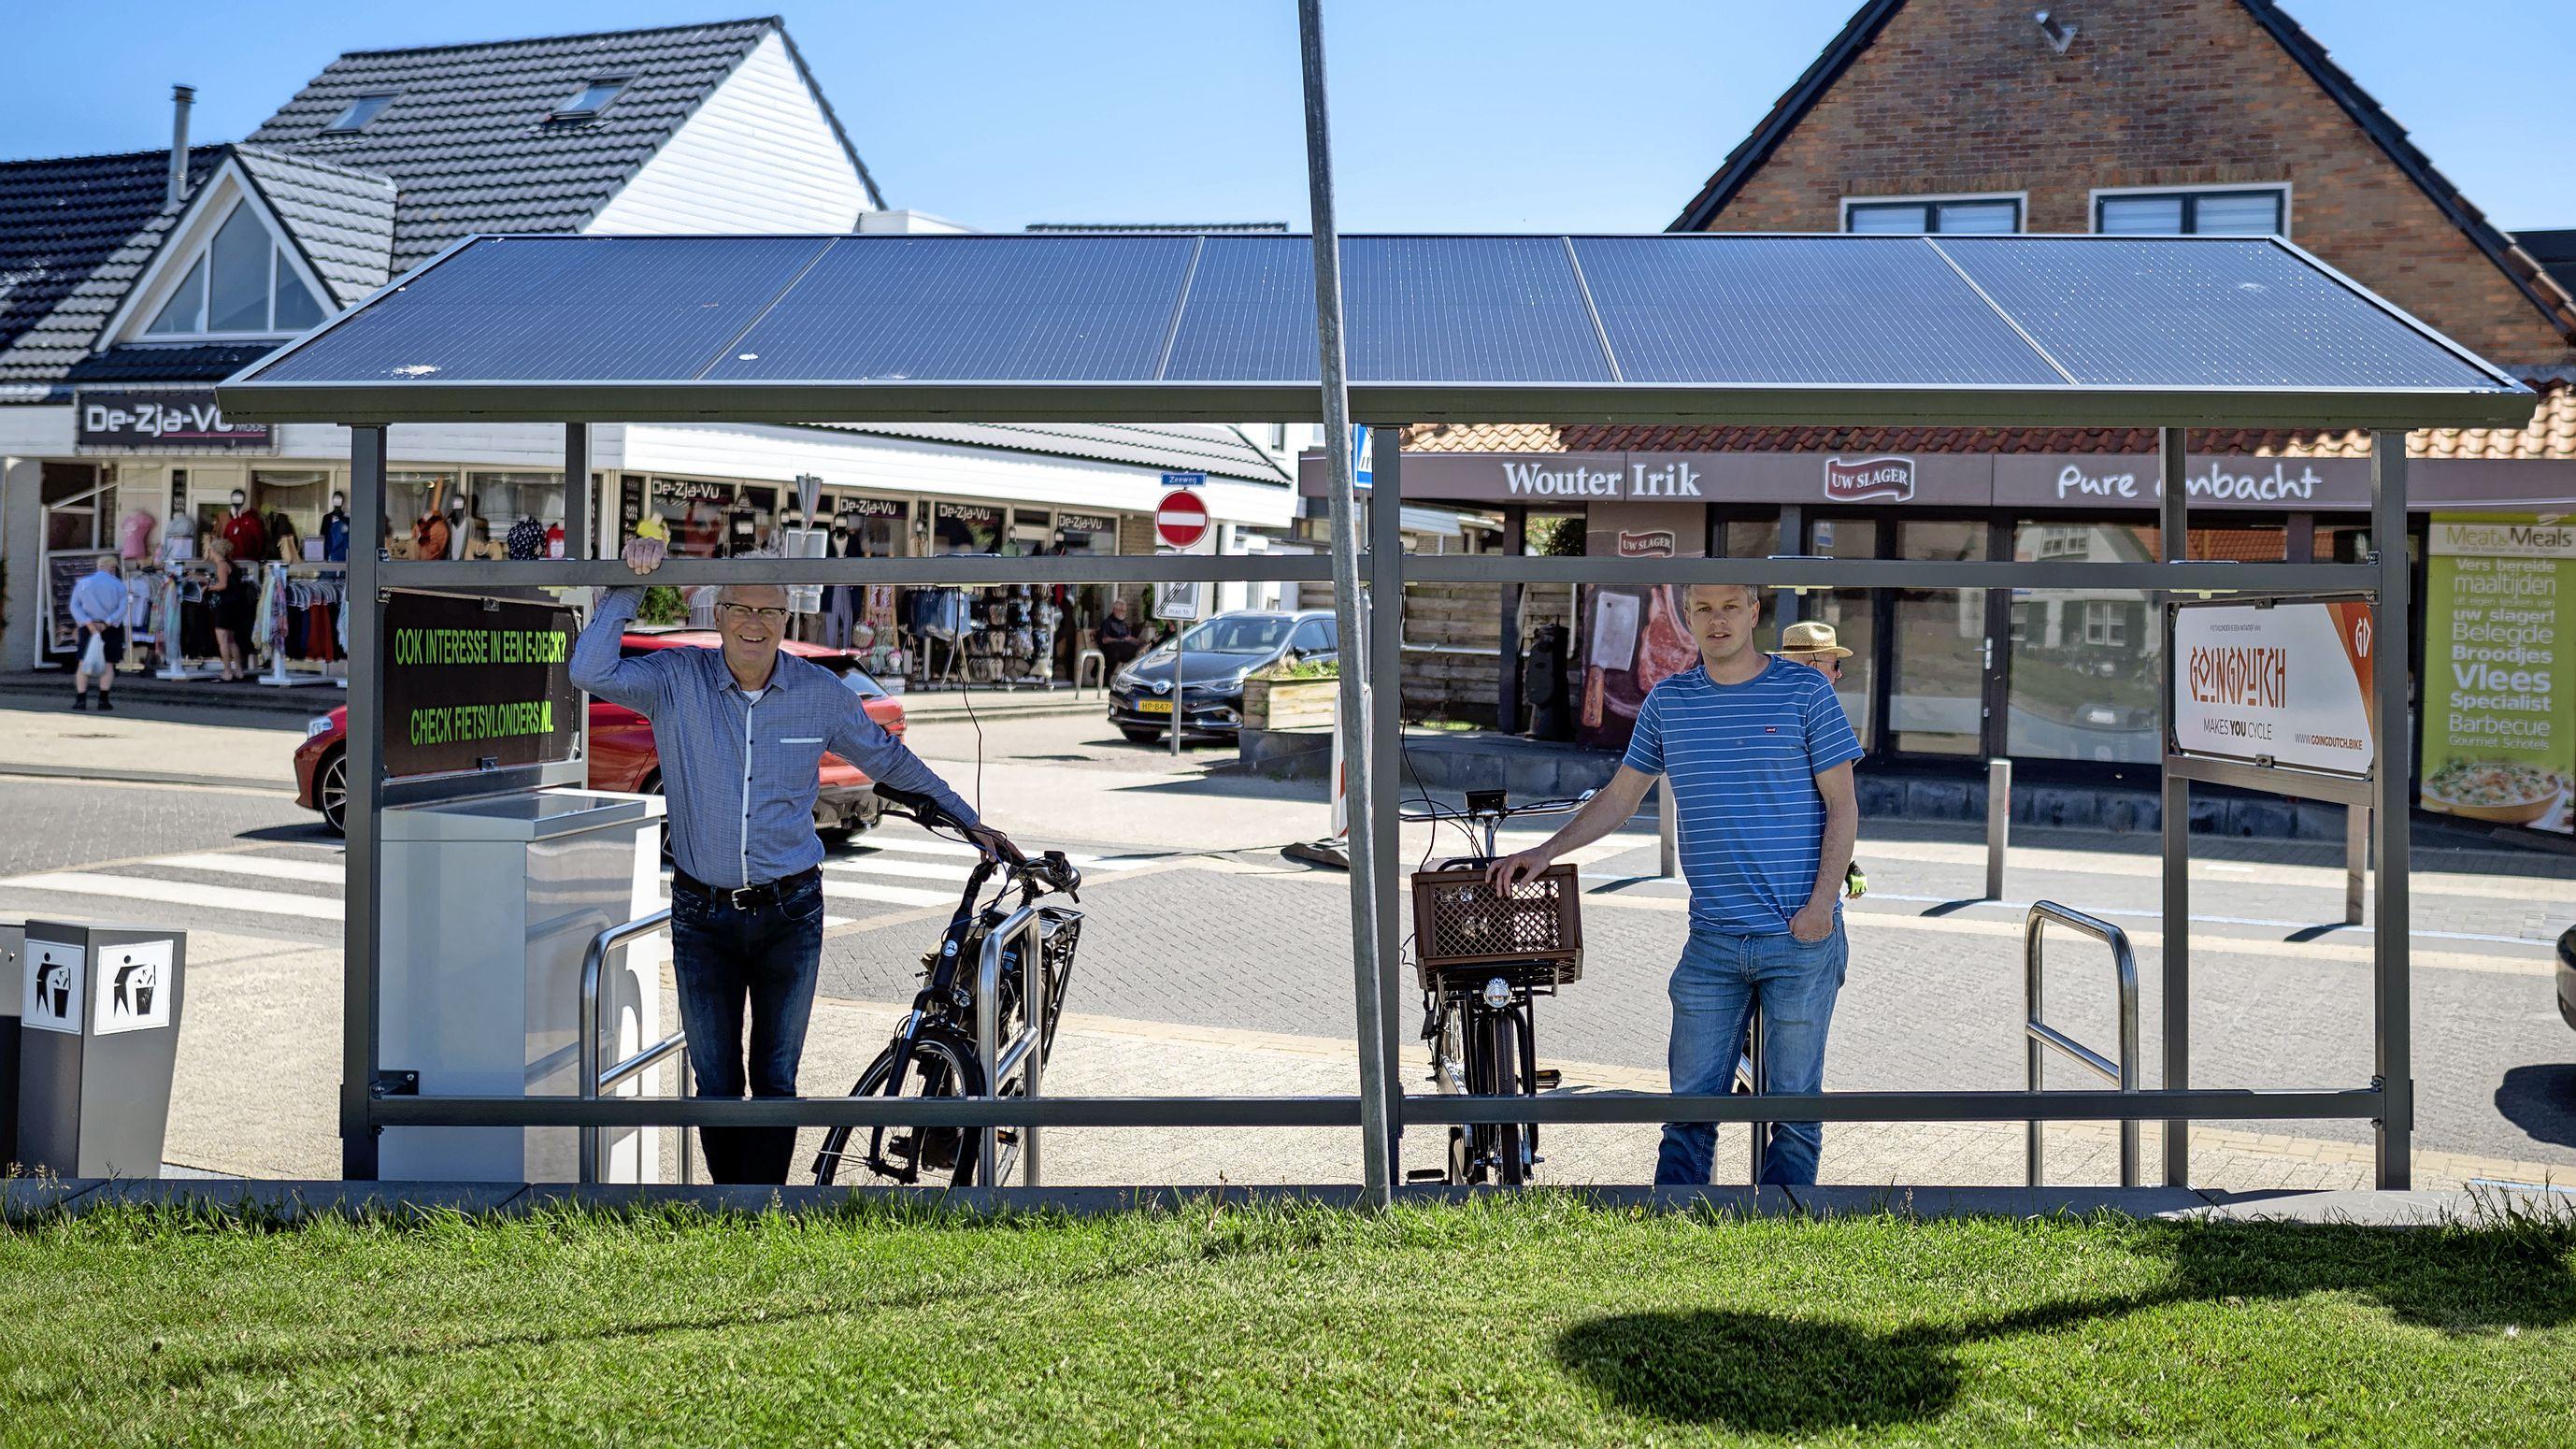 Een bakkie op het terras in Callantsoog en ondertussen gratis de accu van de elektrische fiets opladen. Met schone stroom, want op het oplaadpunt liggen zonnepanelen